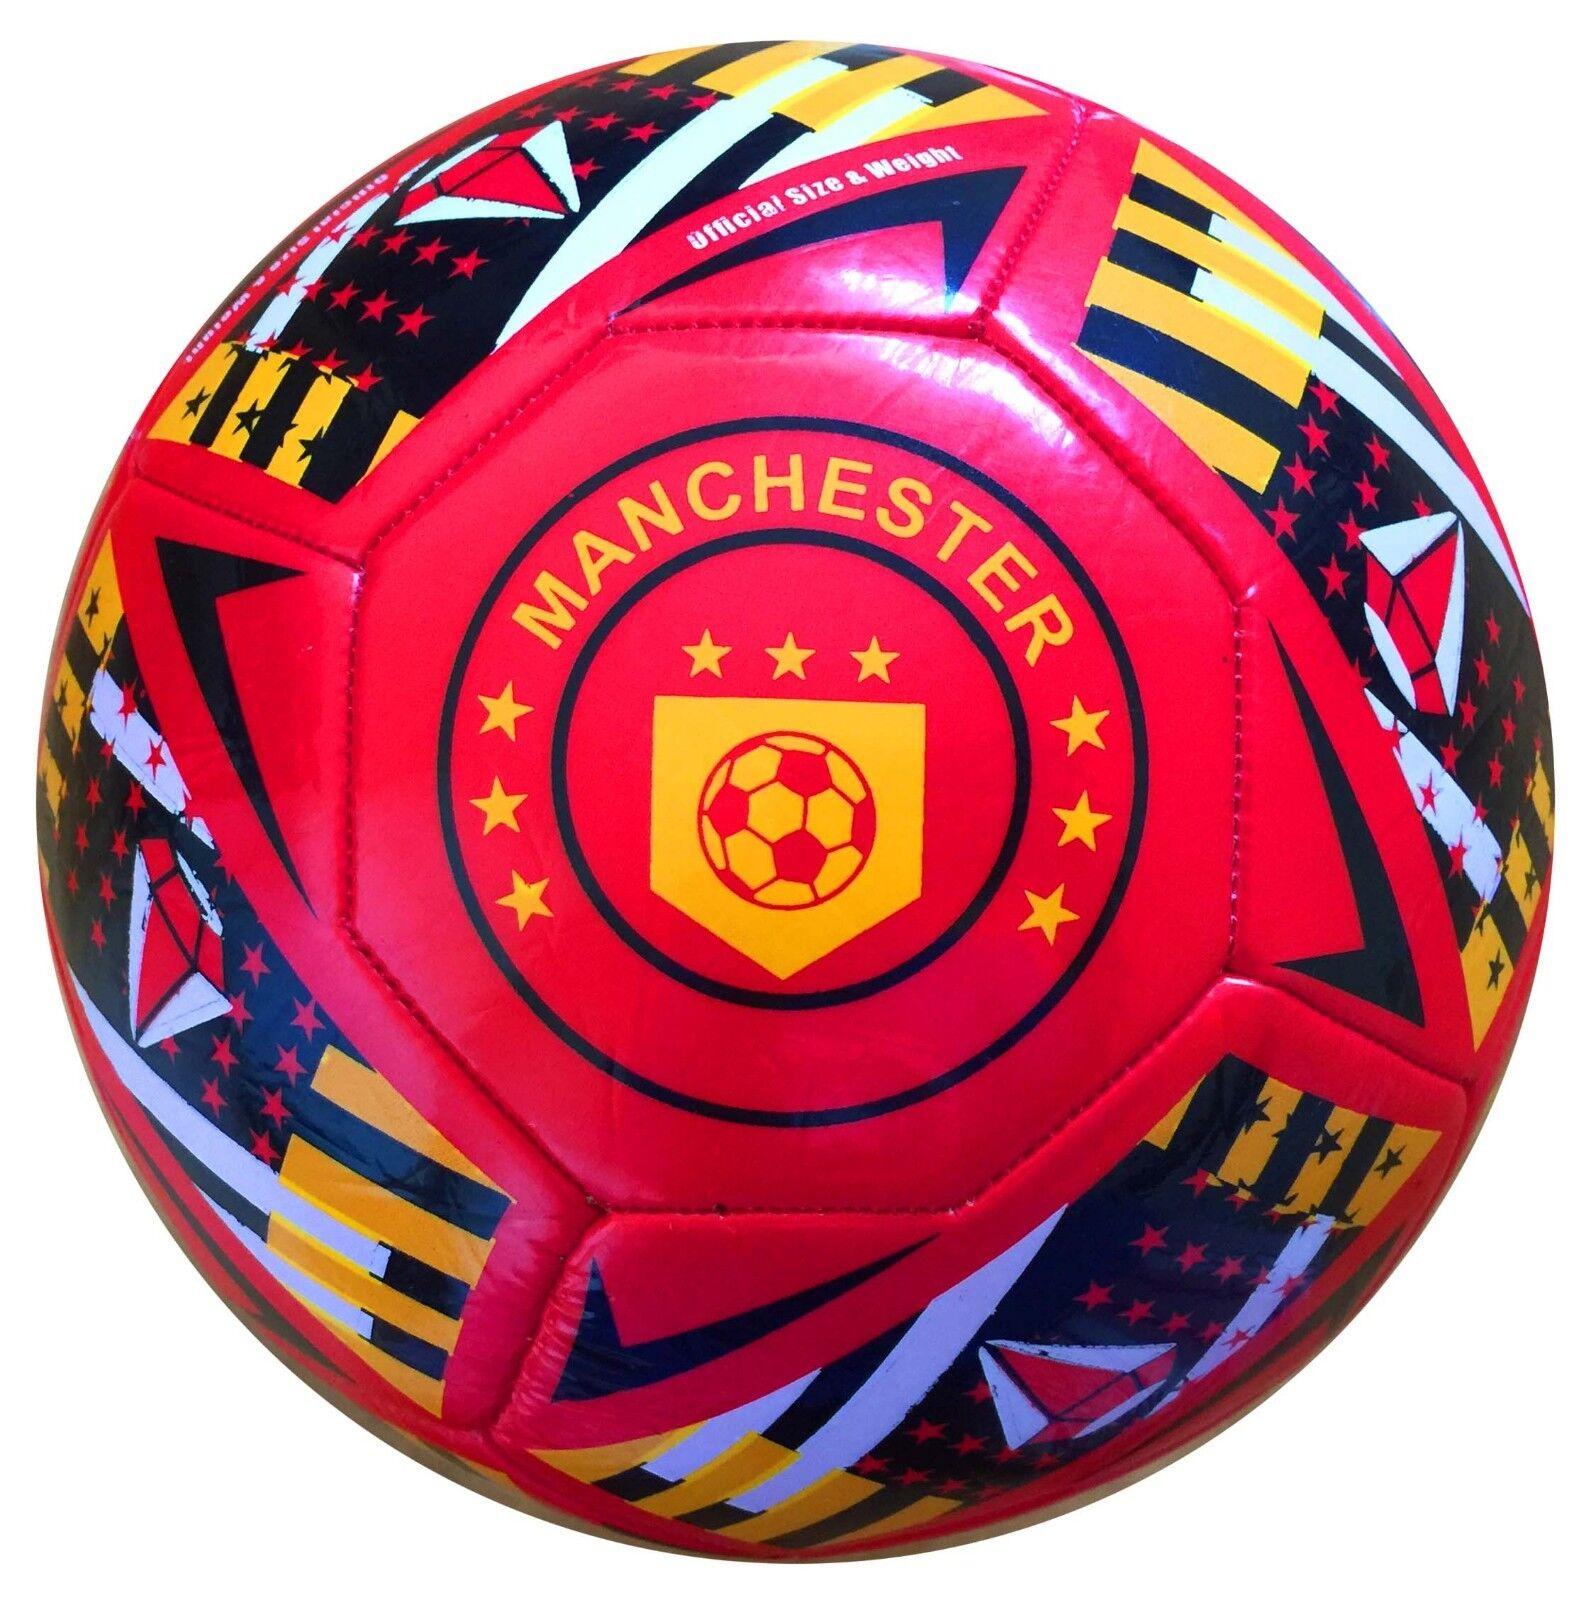 Lote de 12 pelotas de fútbol famoso Manchester Tapa Roja